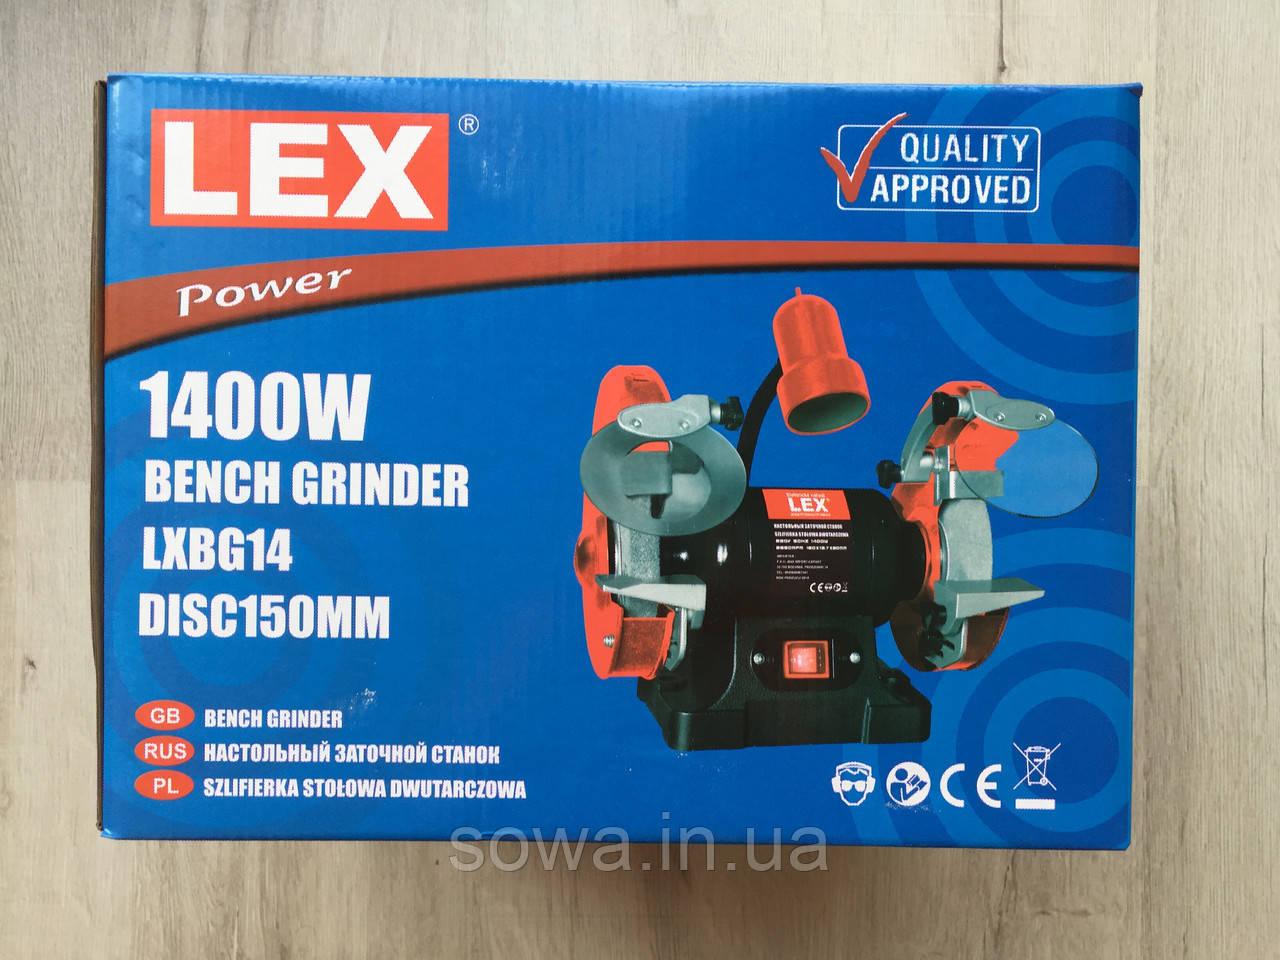 Точильный станок Lex LXBG14 | с подсветкой | 150мм, 1400Вт - фото 10